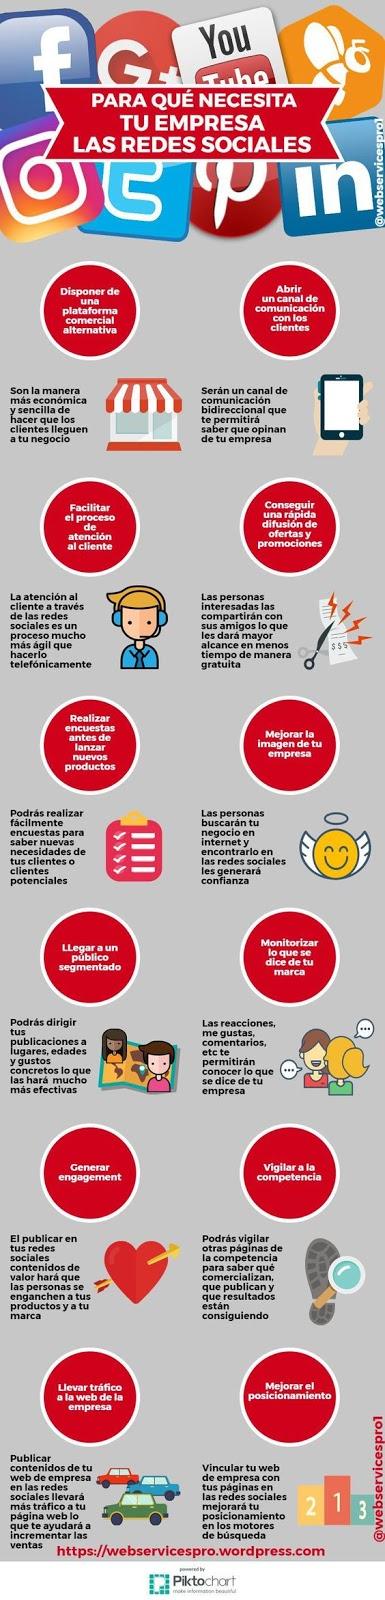 Ventajas de las Redes Sociales para tu empresa [Infografía]